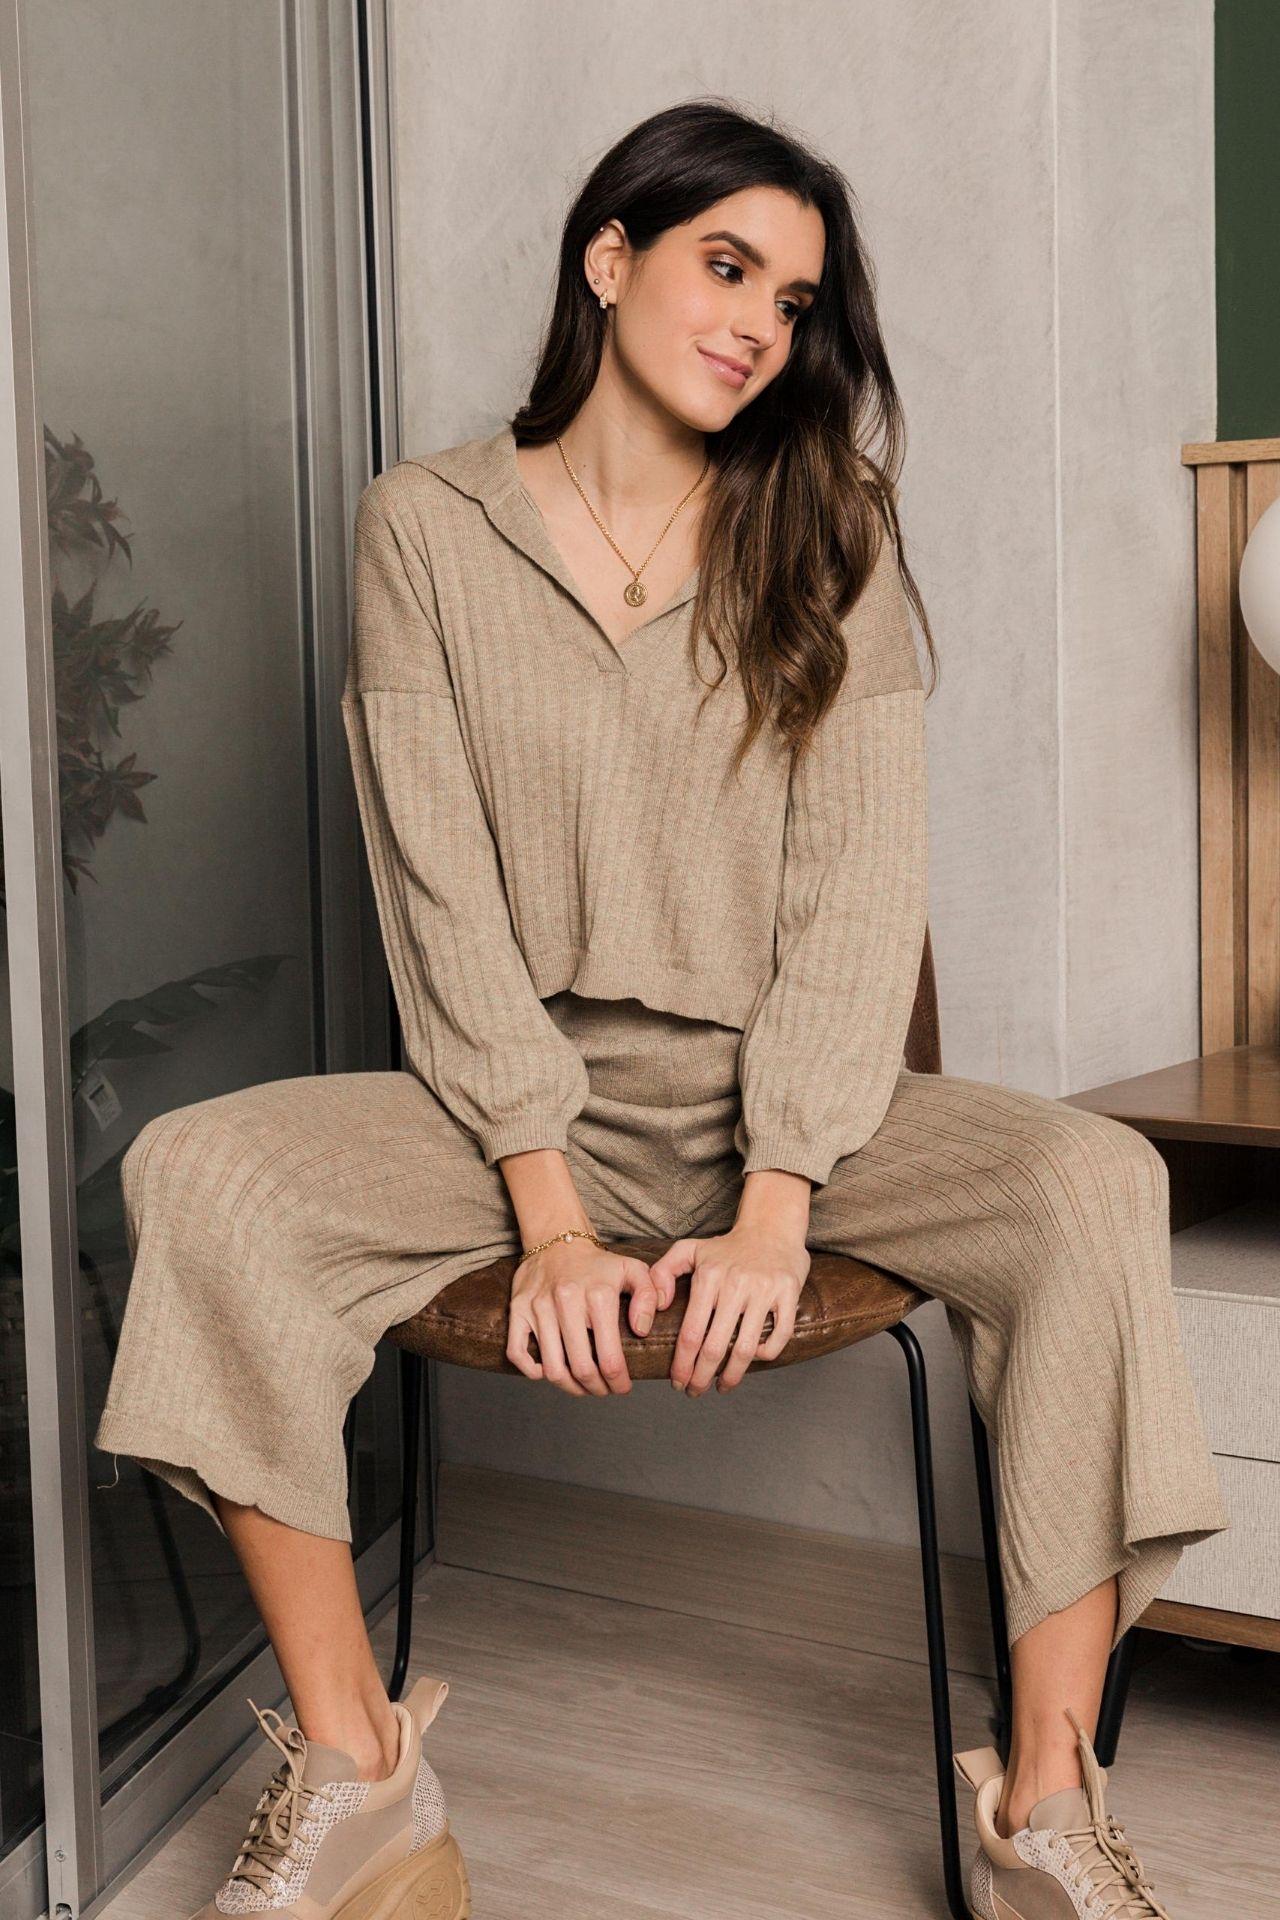 Conjunto tejido a base de algodón Tanguis Pet.  Incluye el sweater y el culotte.  Es muy cómodo y abrigador. El sweater es suelto, y el pantalón va a la cintura.  Tiene una pretina en la cintura que permite que el pantalón se estire.  Talla standard: como una talla S a M.  Medidas:  Sweater:  Largo del cuello a la parte de abajo: 47 cms  Largo de la espalda: 49 cms  Largo de la manga: 54cms  Ancho: 118 cms  Pantalón:  Cintura: 66 cms estira hasta 88 cms  Largo: 88 cms